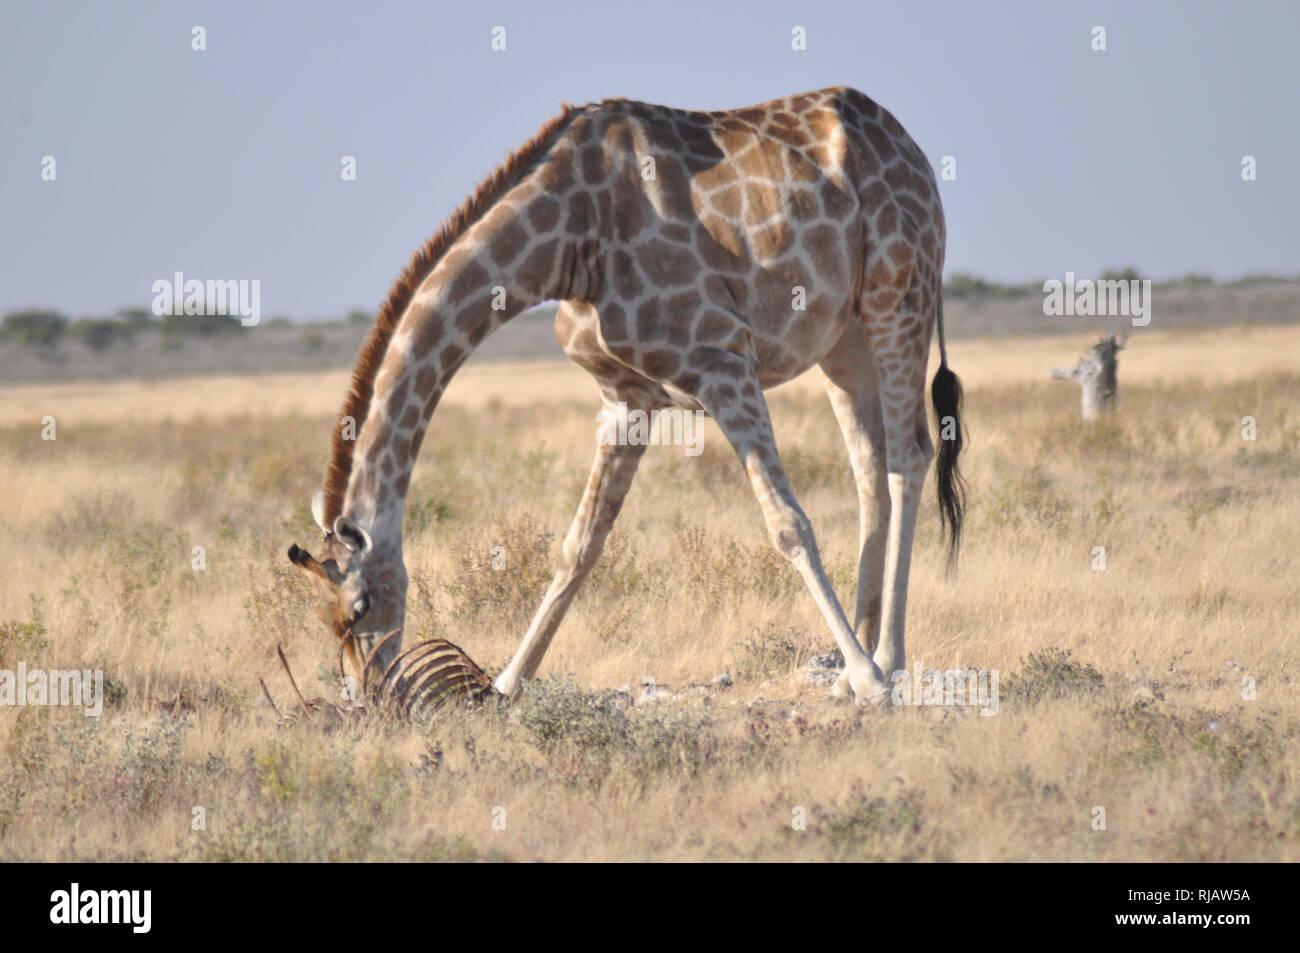 Namibia: Girafs near Namutomi Camp in Etosha national park. The Etosha NAtionalpark is one of the world oldest. - Stock Image